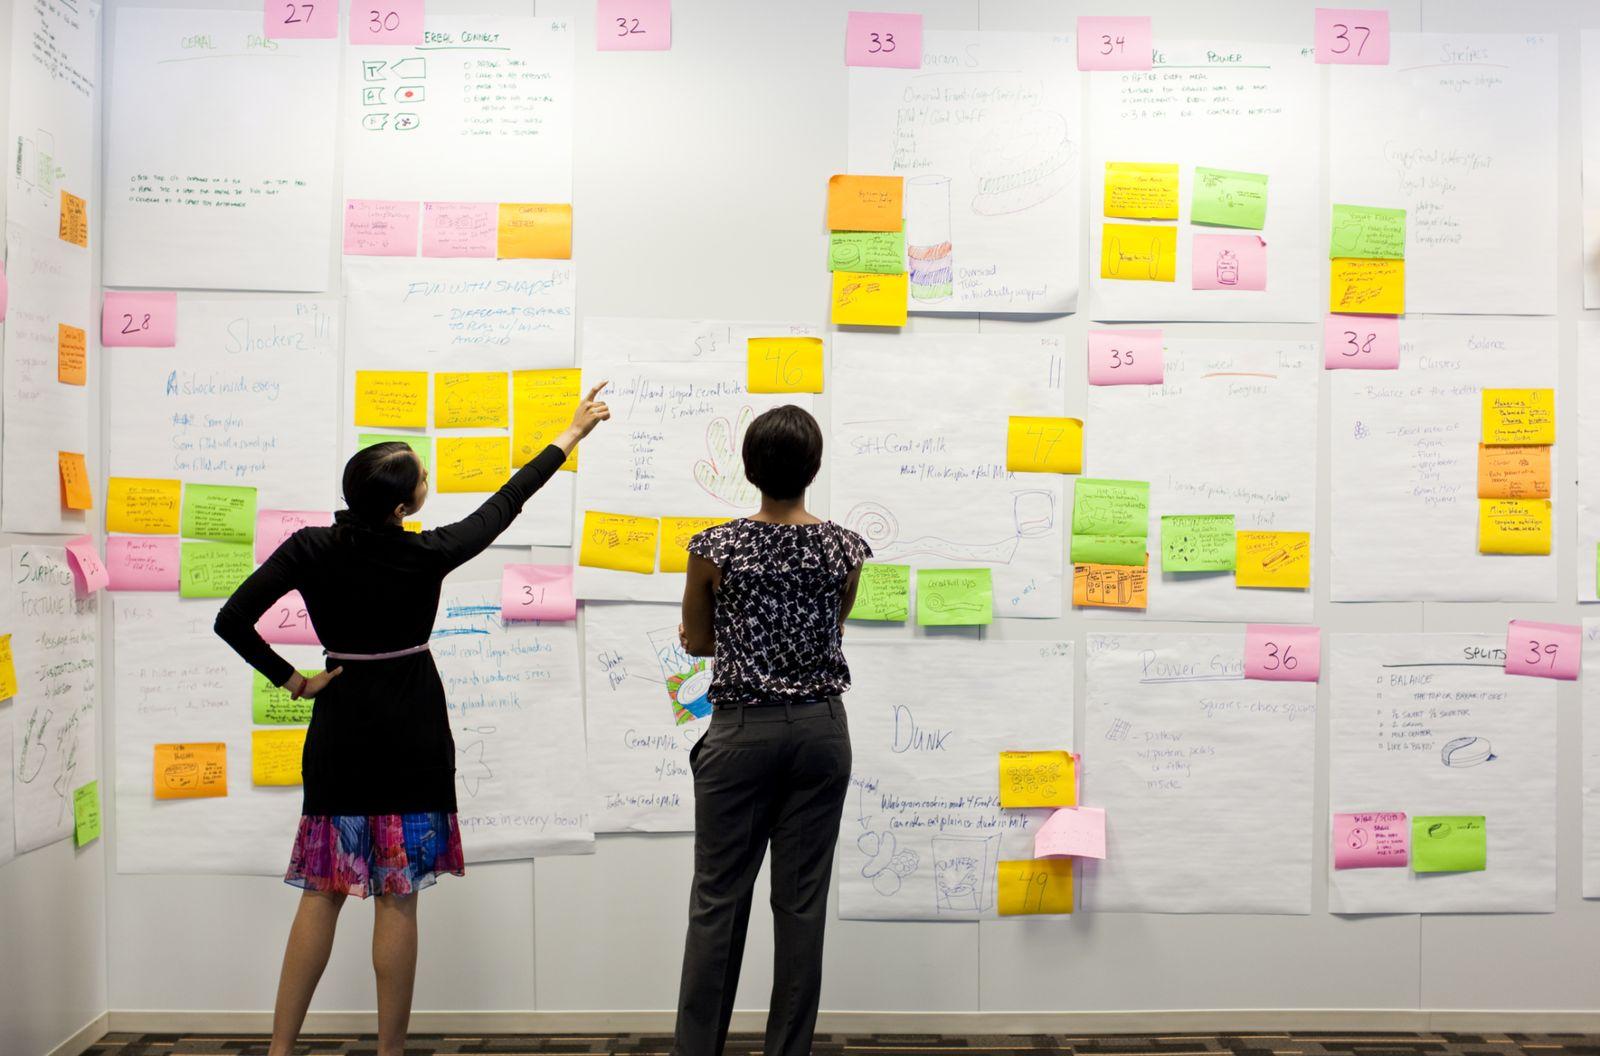 Planung / Übersicht / Plan / Organisieren / Idee